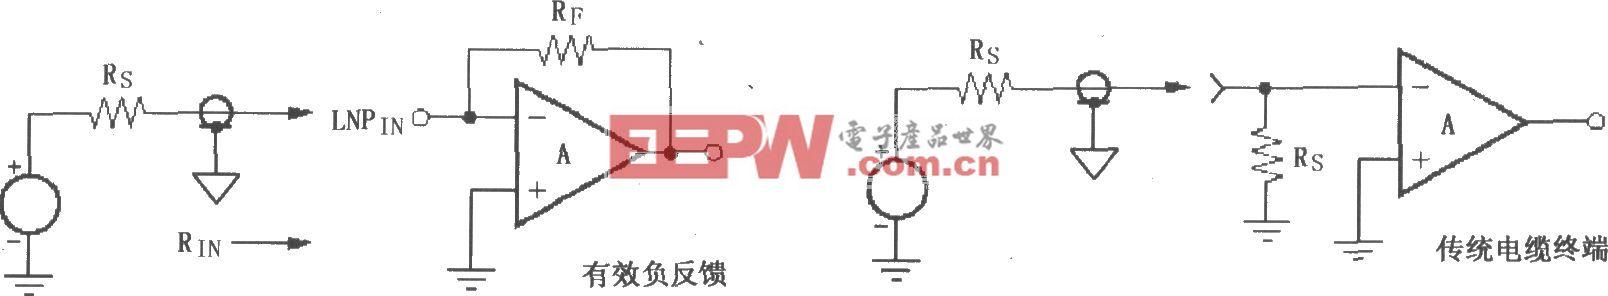 VCA2612/2613/2616有效负反馈和传统电缆终端结构电路